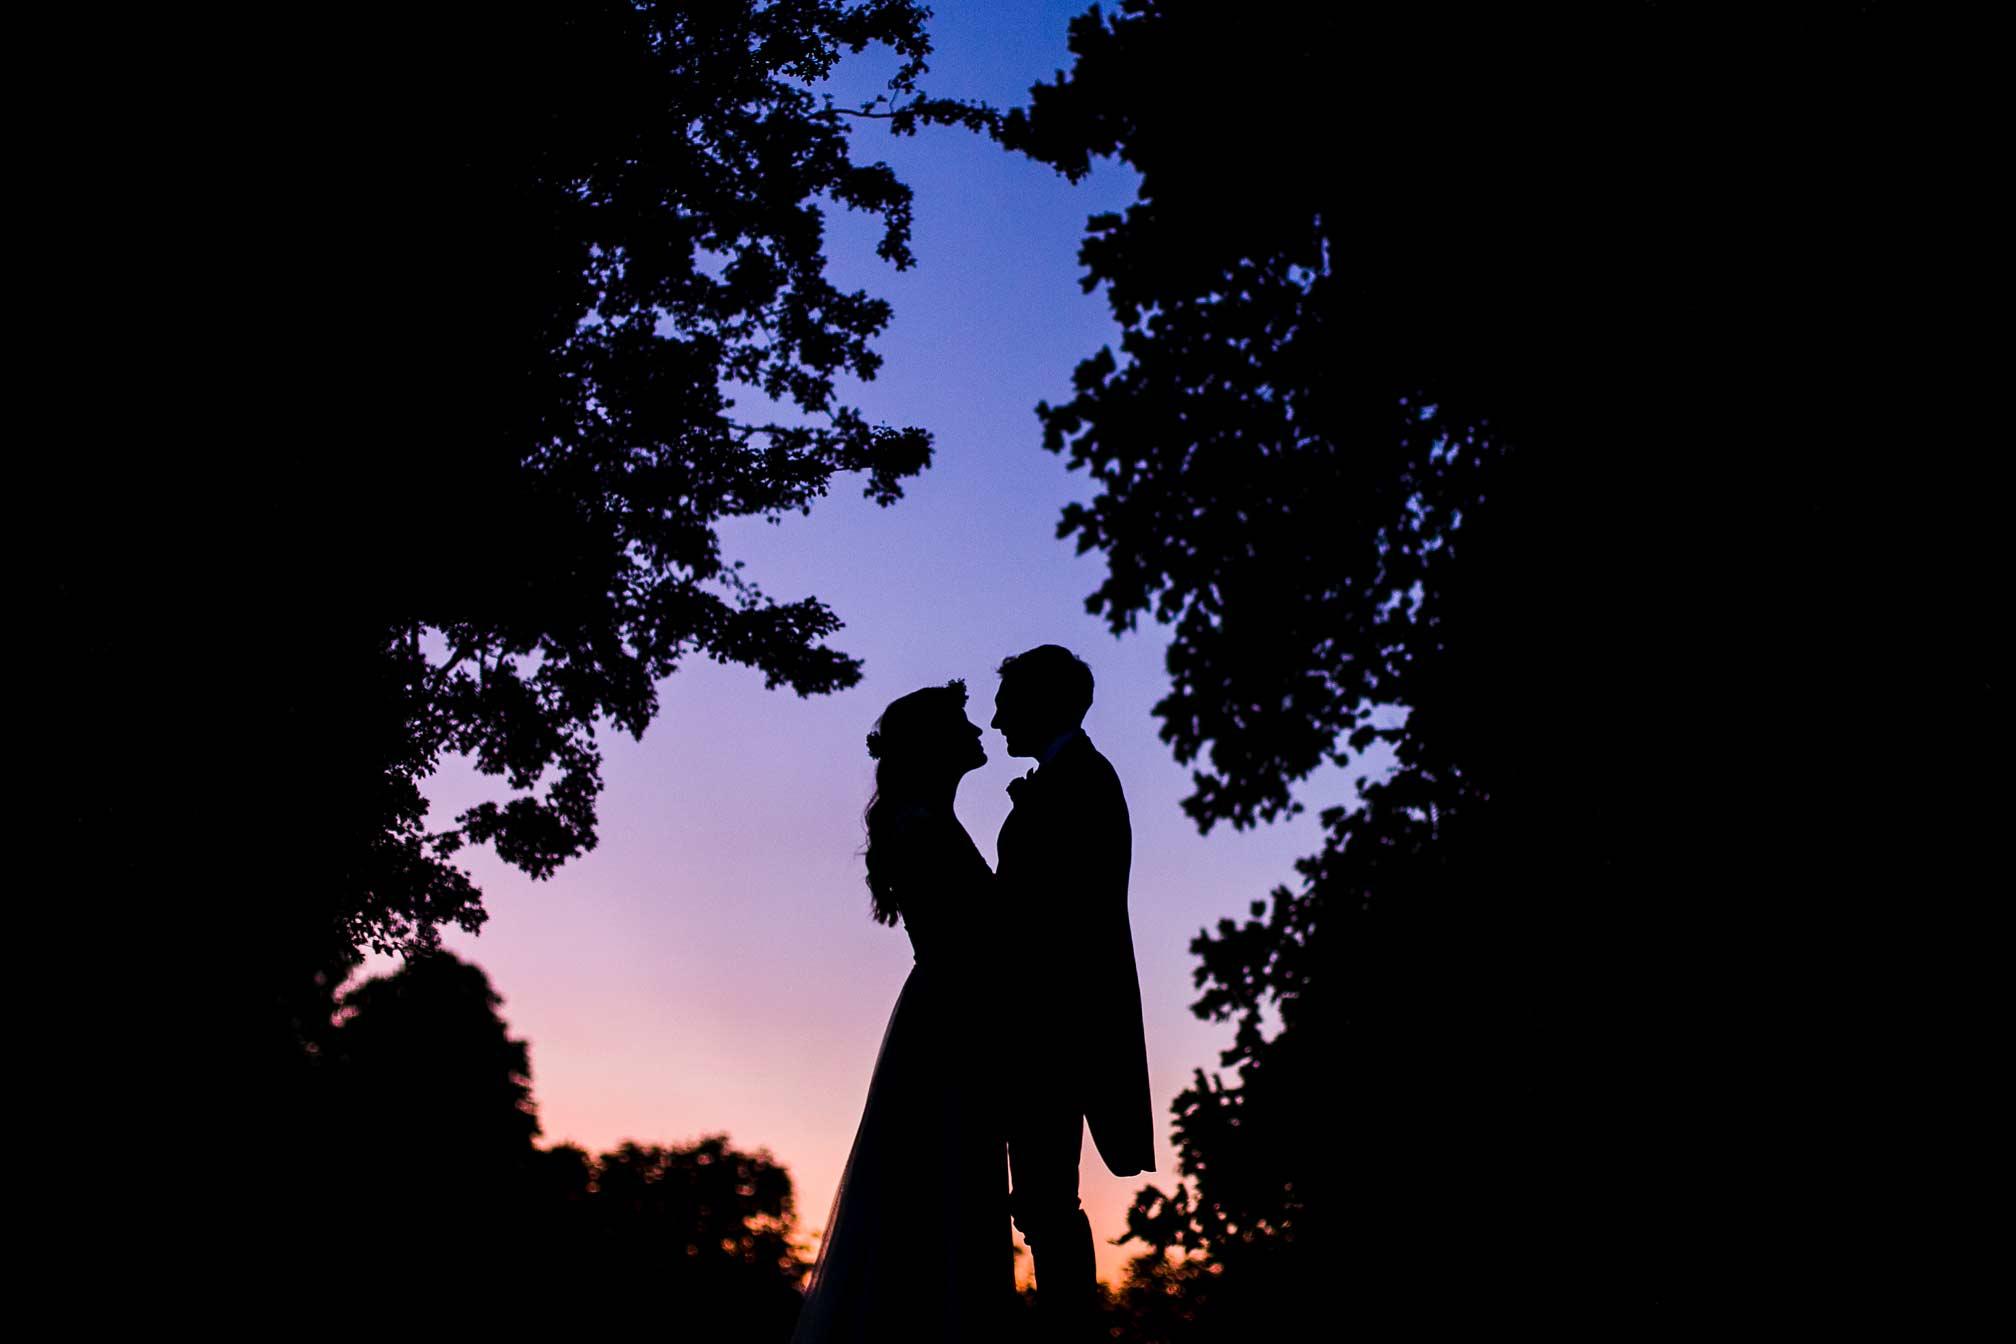 Sunset Portrait at Chippenham Park